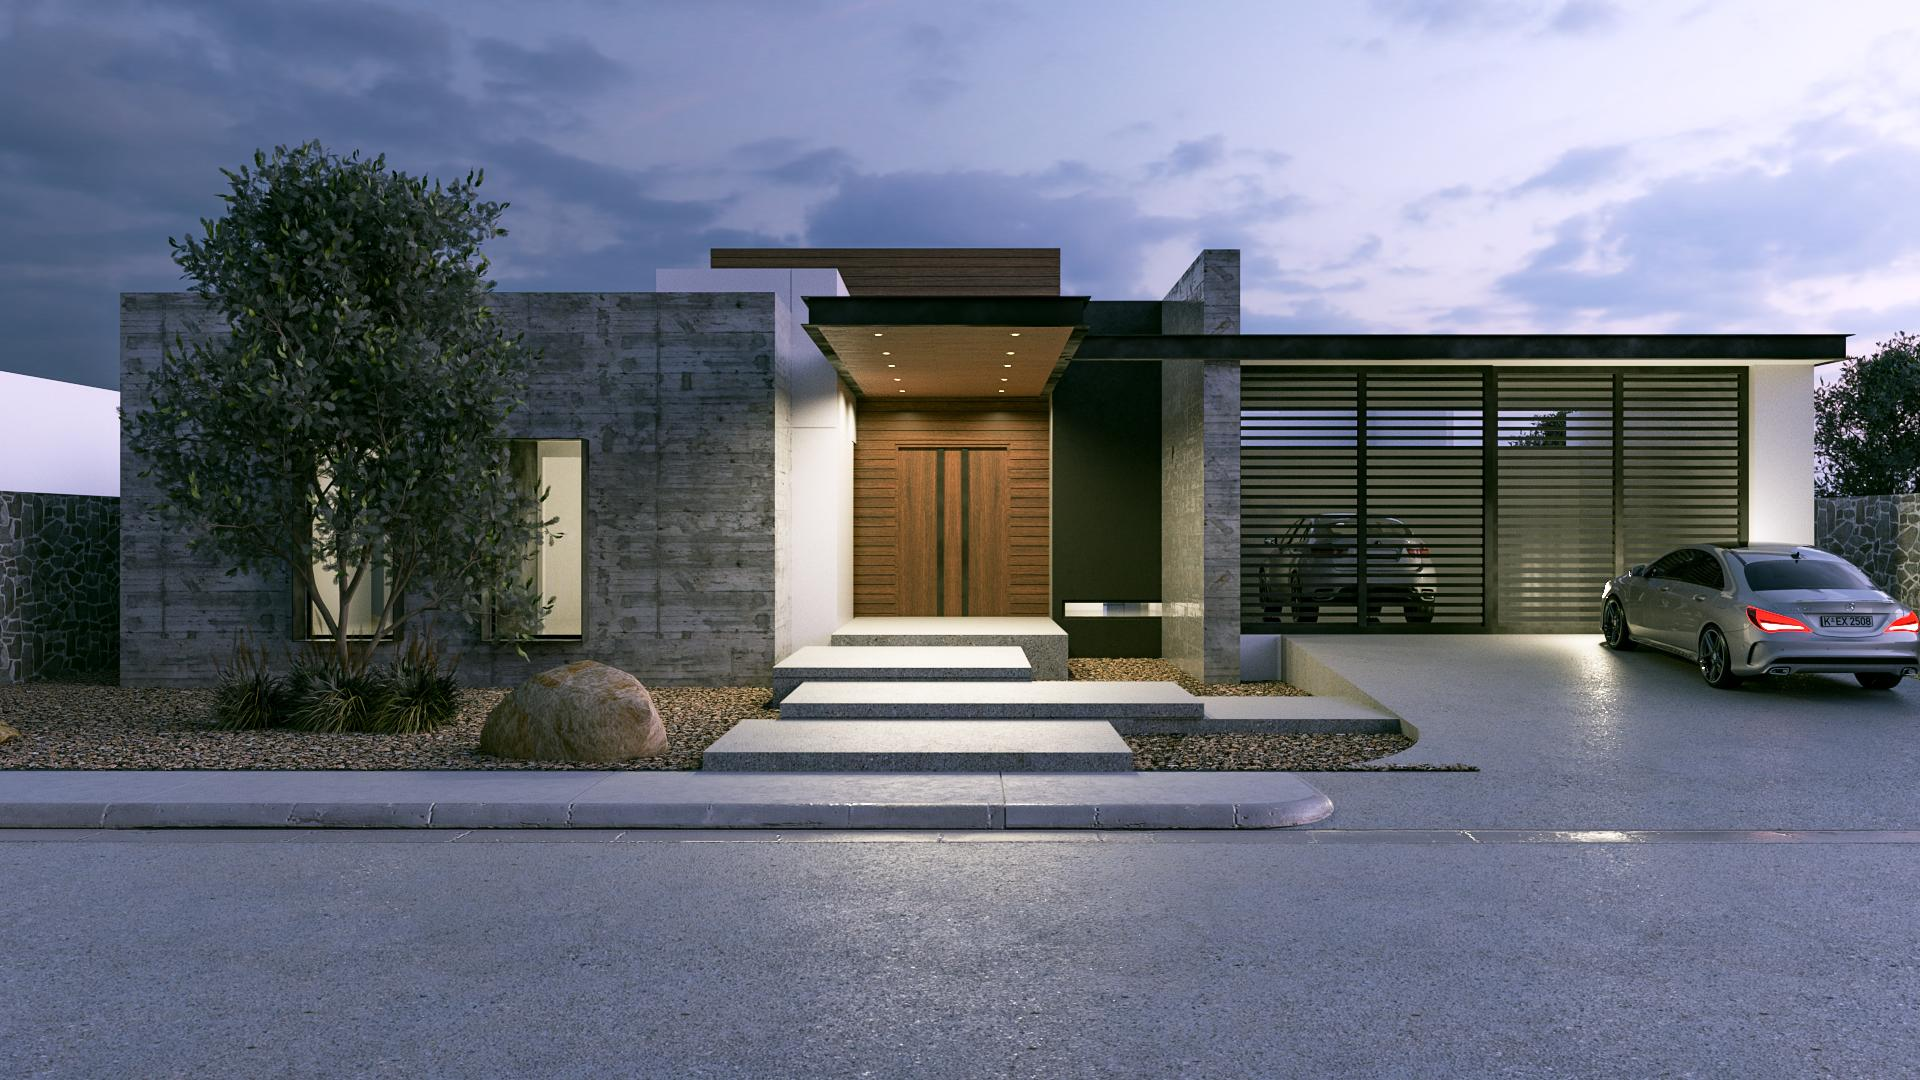 5612 Valley Laurel, El Paso, Texas 79932, 4 Bedrooms Bedrooms, ,4 BathroomsBathrooms,Residential,For sale,Valley Laurel,821479